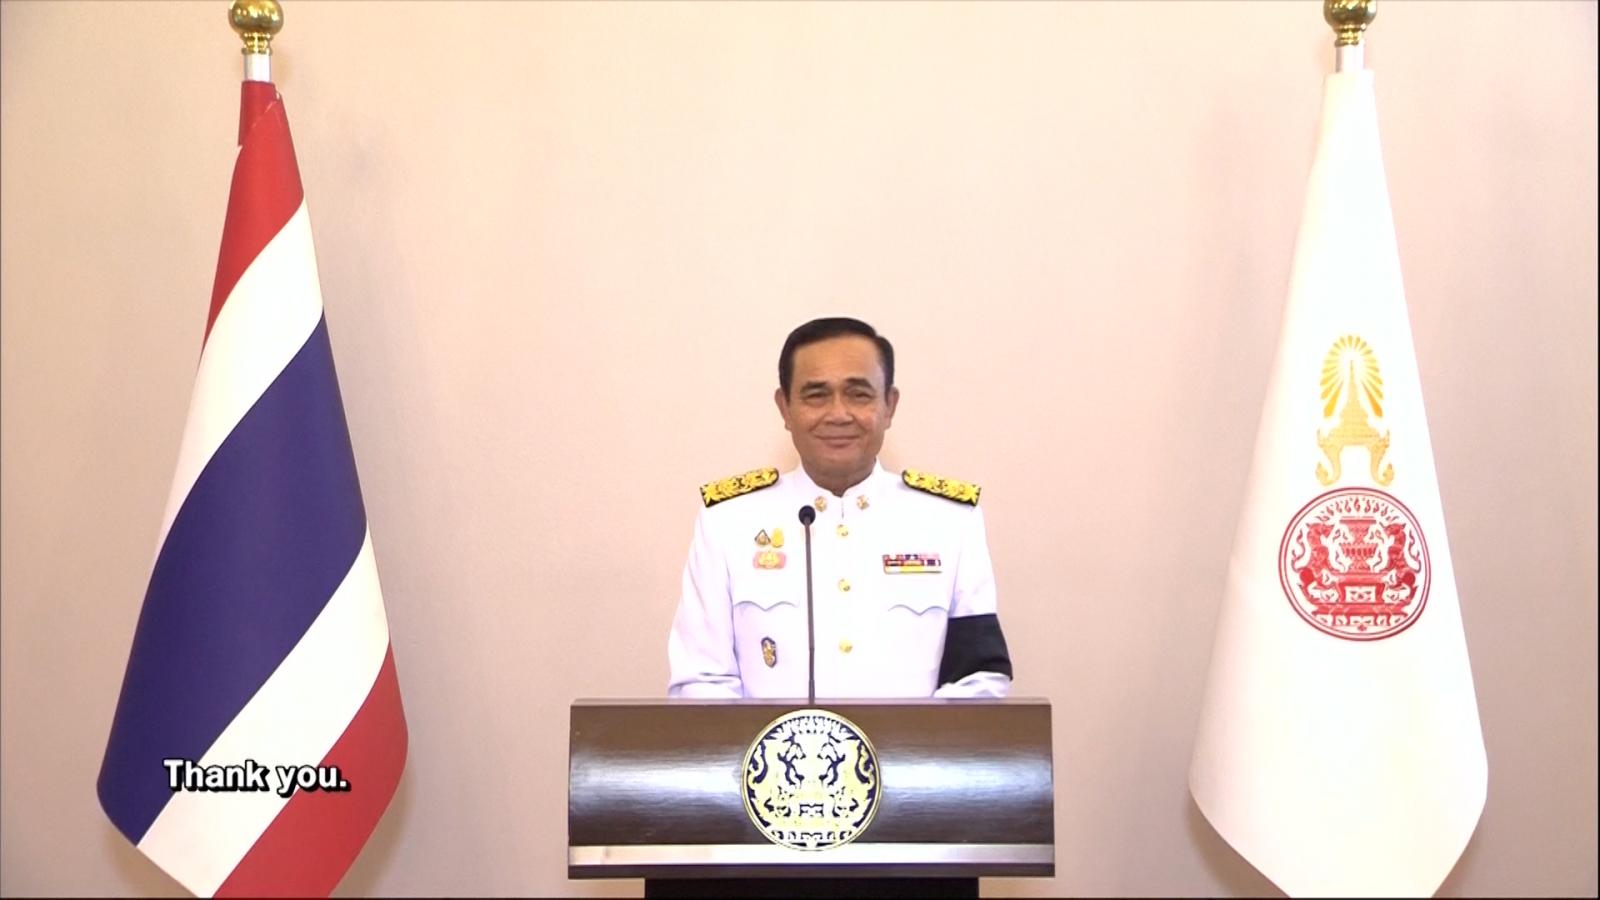 """""""พล.อ.ประยุทธ์"""" ประกาศนำพาประเทศไทยให้สงบร่มเย็น มั่นคง มั่งคั่ง"""